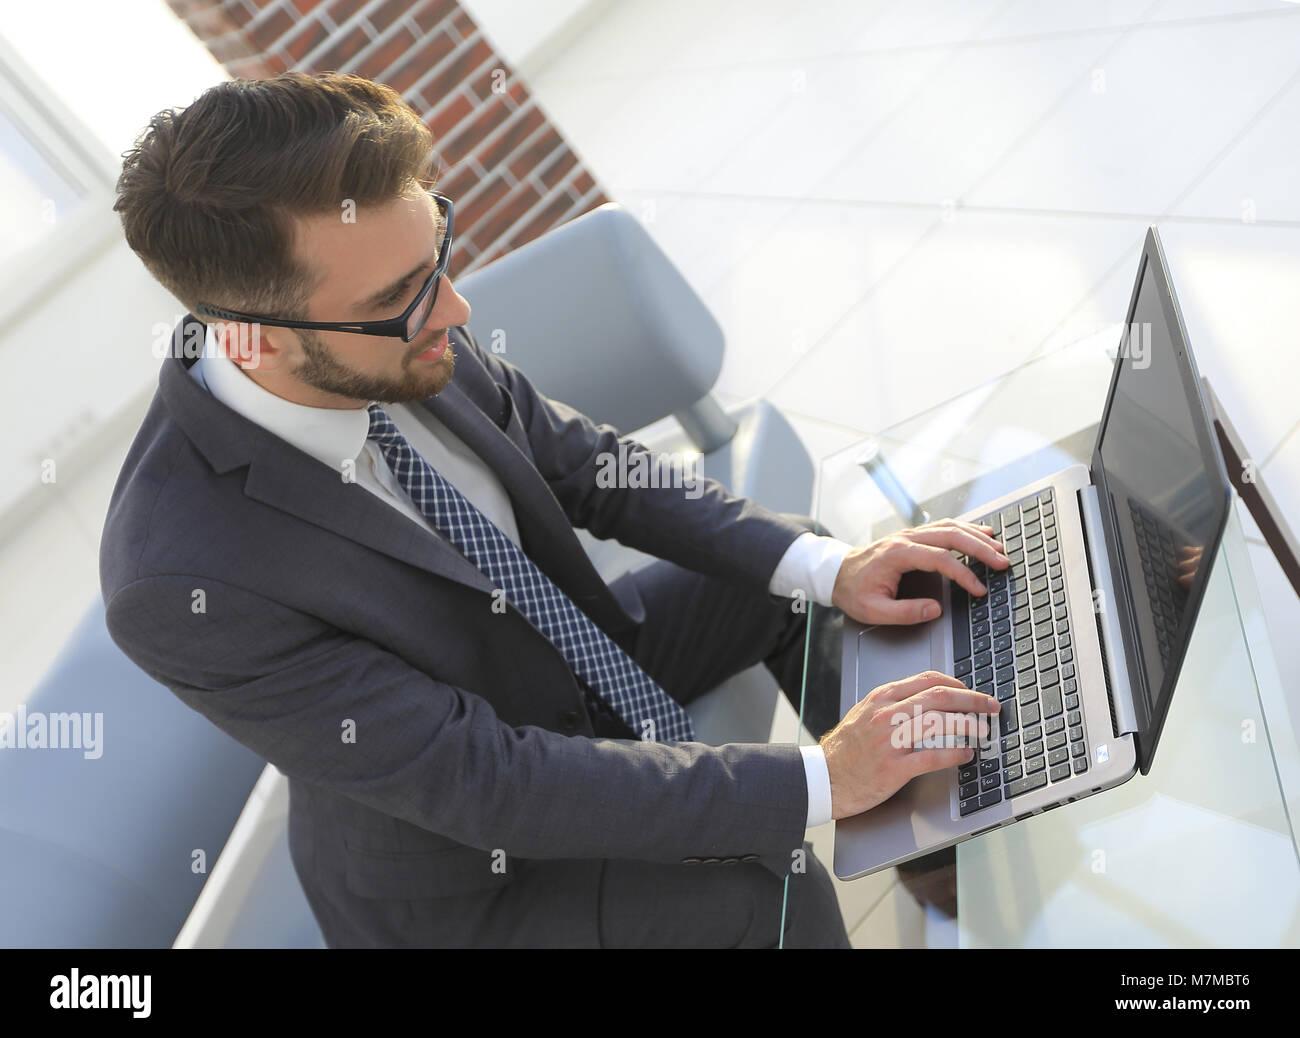 Concentrato professional developer con il computer portatile Immagini Stock